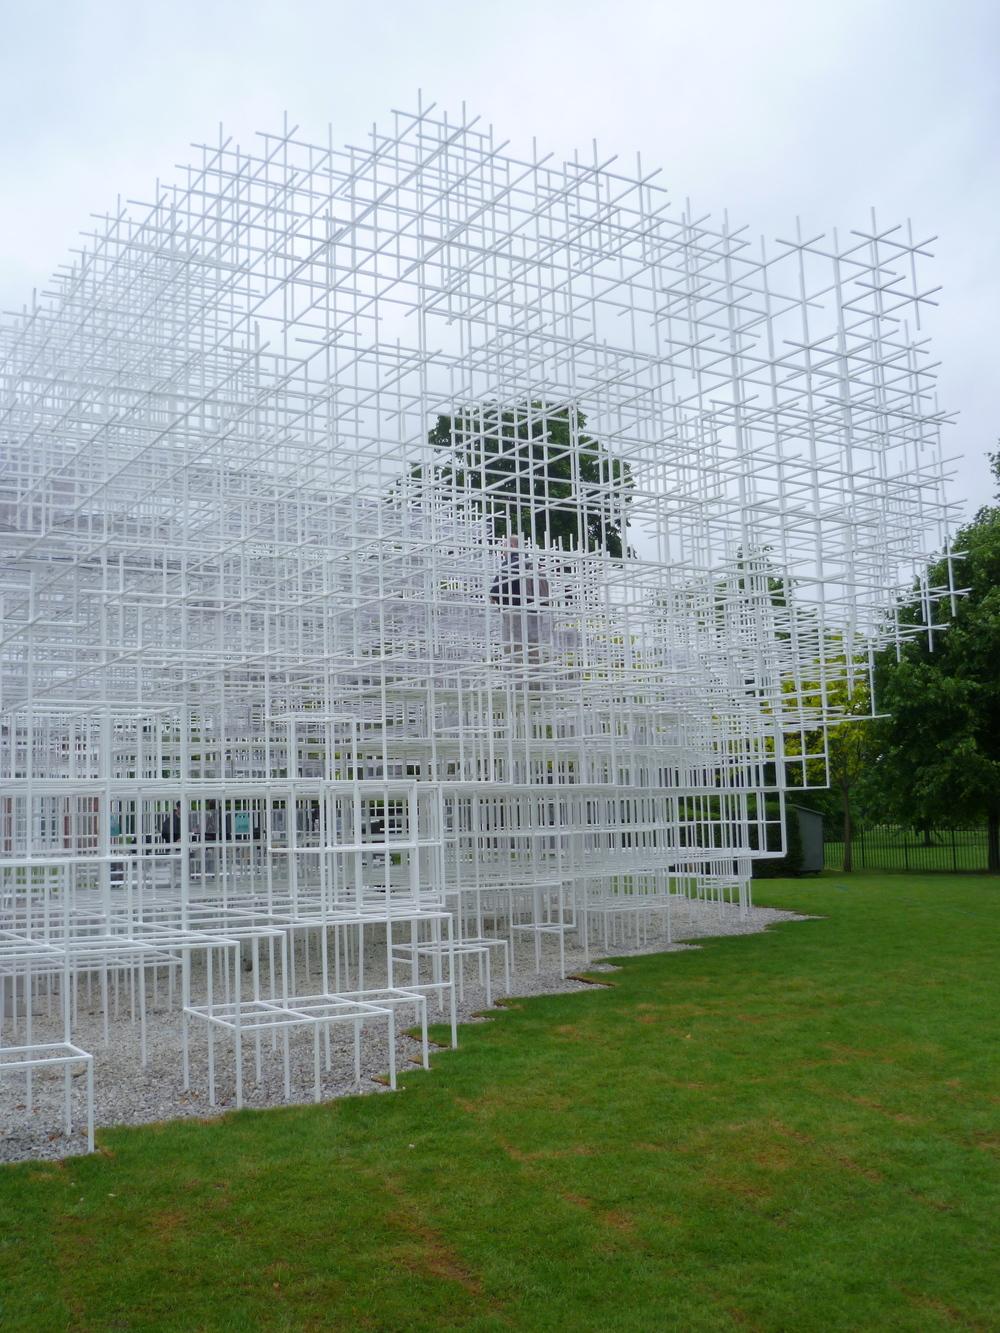 Serpentine Pavilion / Sou Fujimoto